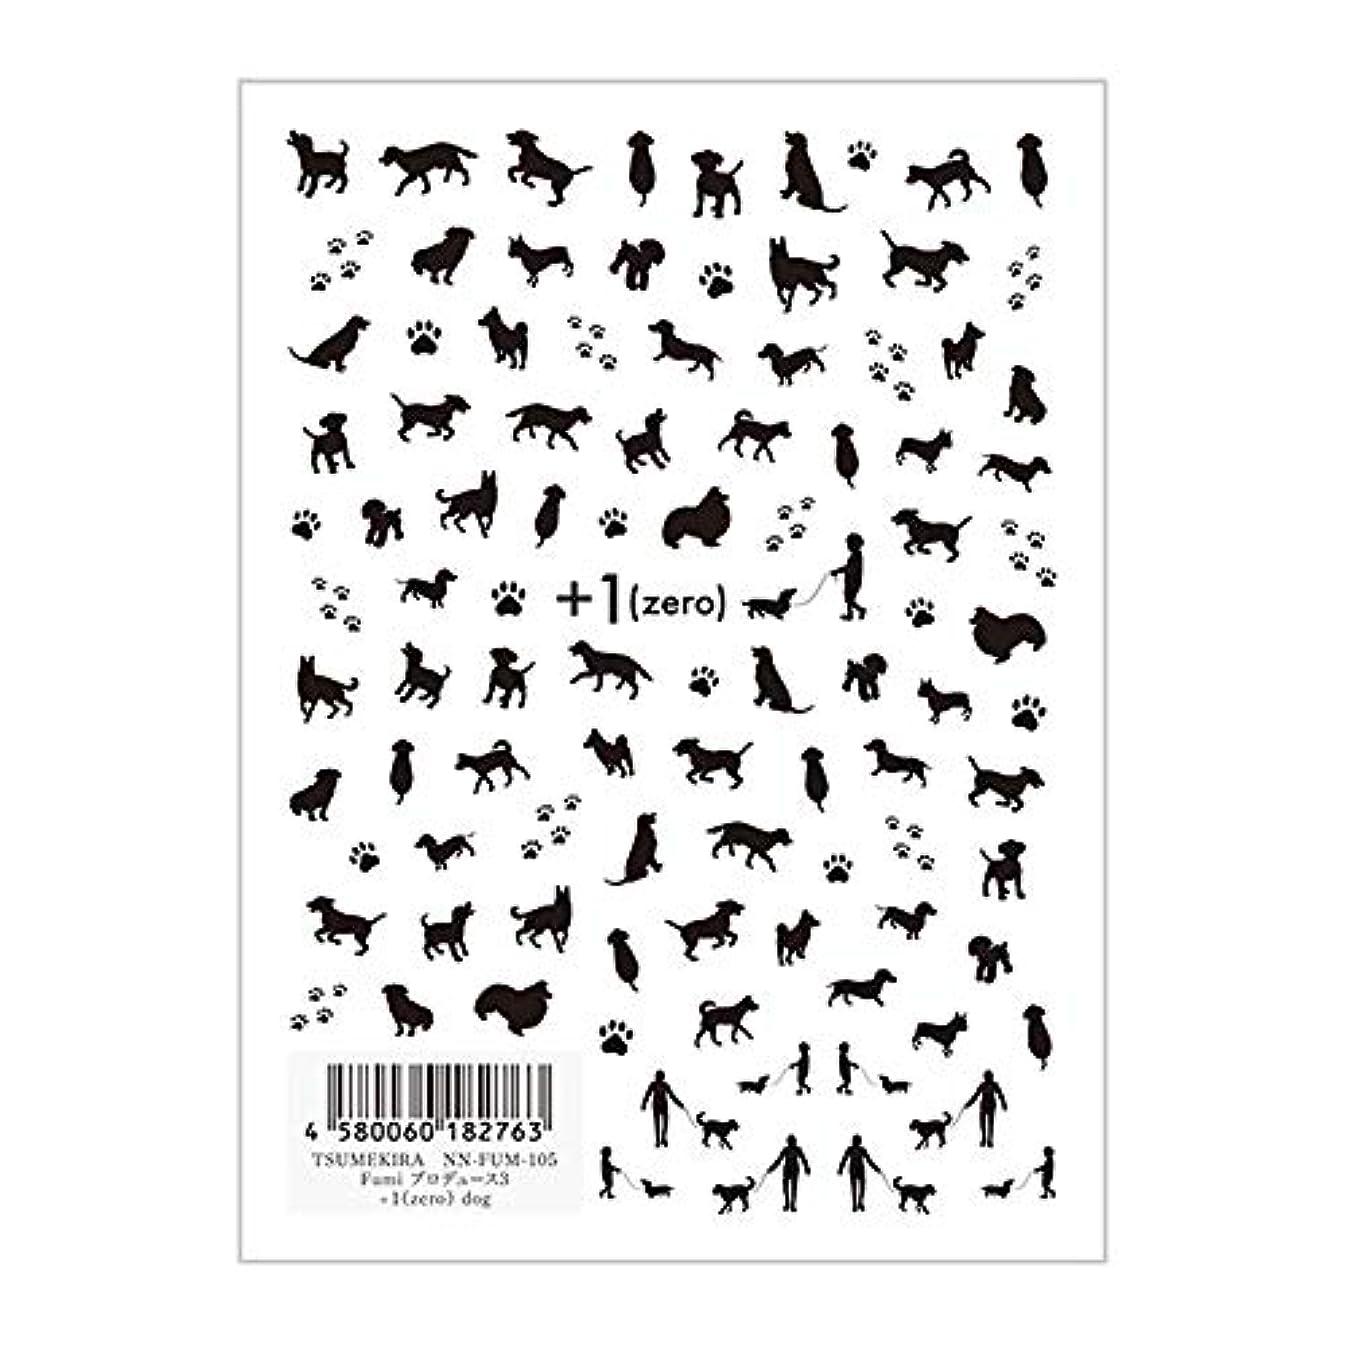 冬全国侵入するTSUMEKIRA(ツメキラ) ネイルシール Fumiプロデュース3 +1(zero) dog NN-FUM-105